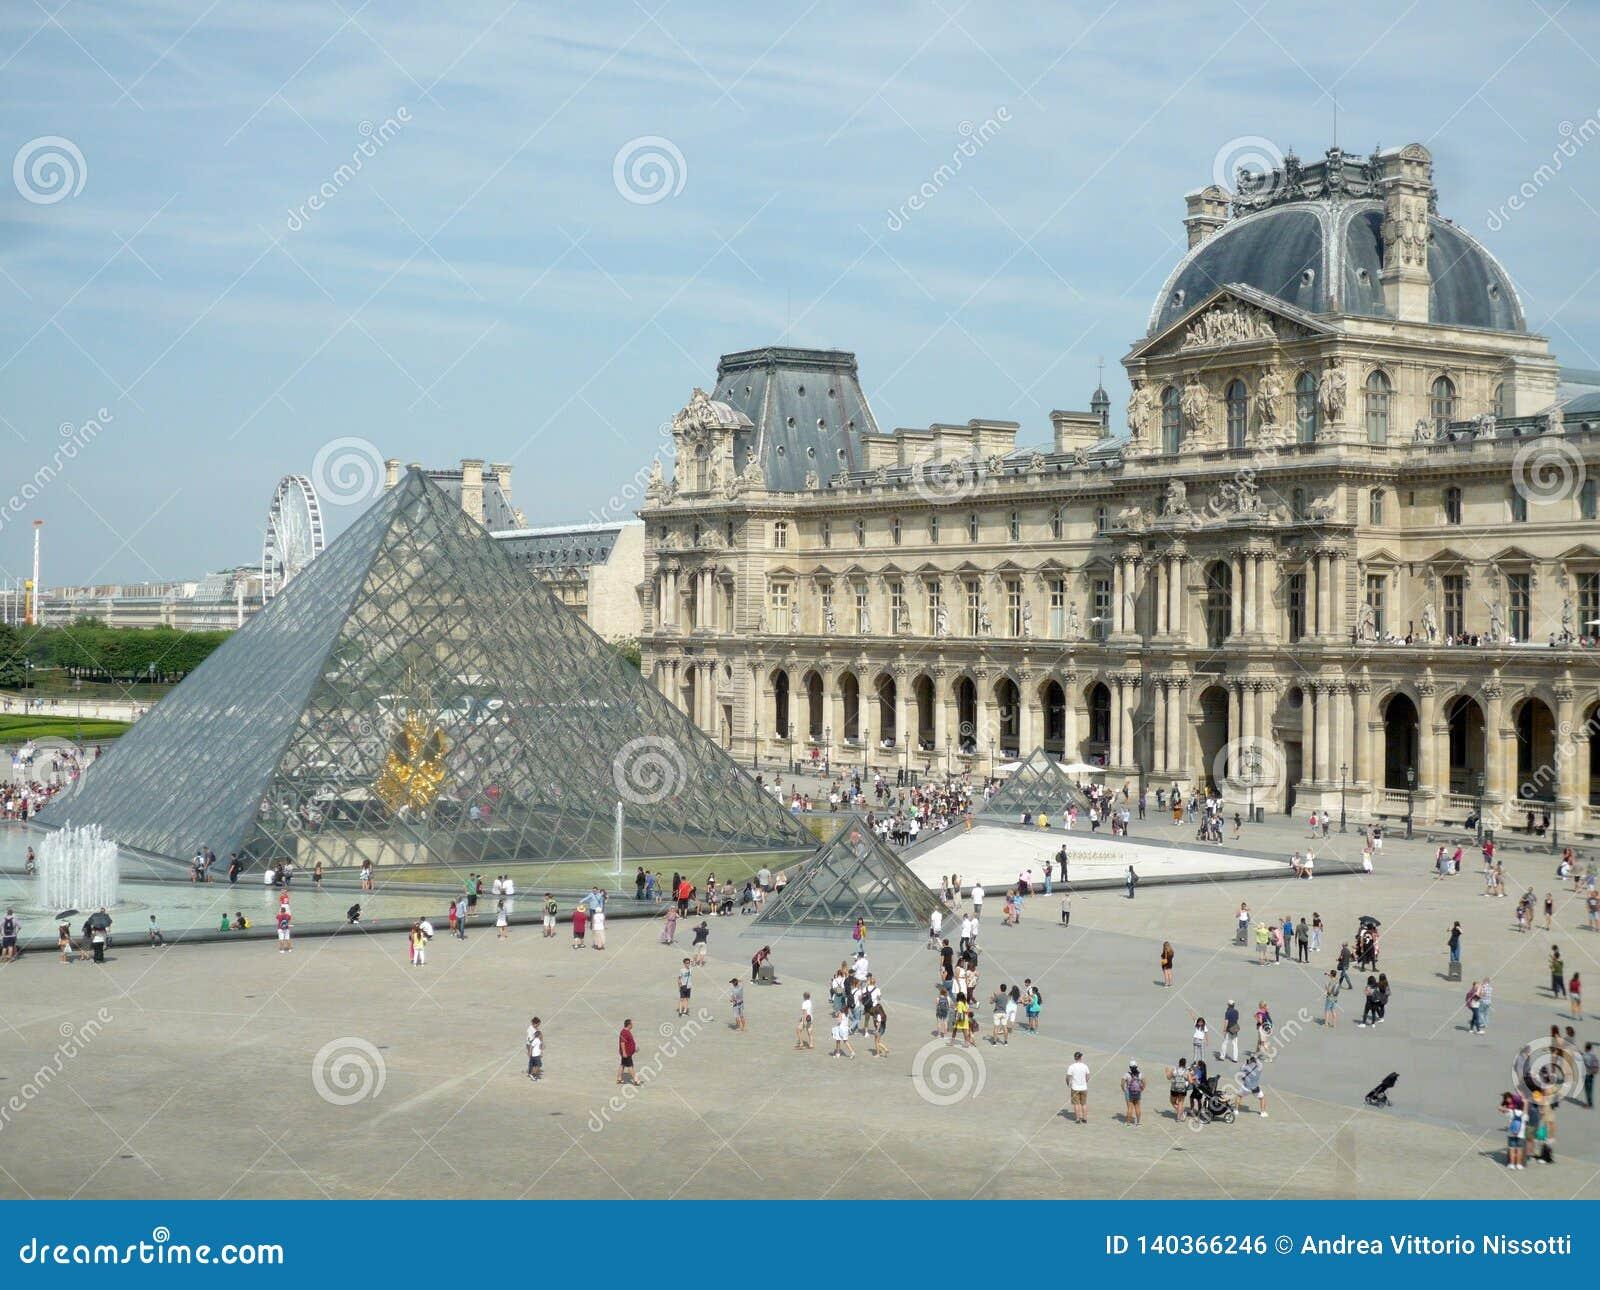 Museo del Louvre, Parigi, Francia, il 16 agosto 2018: la piramide e gli ospiti fuori del museo con lo spazio della copia